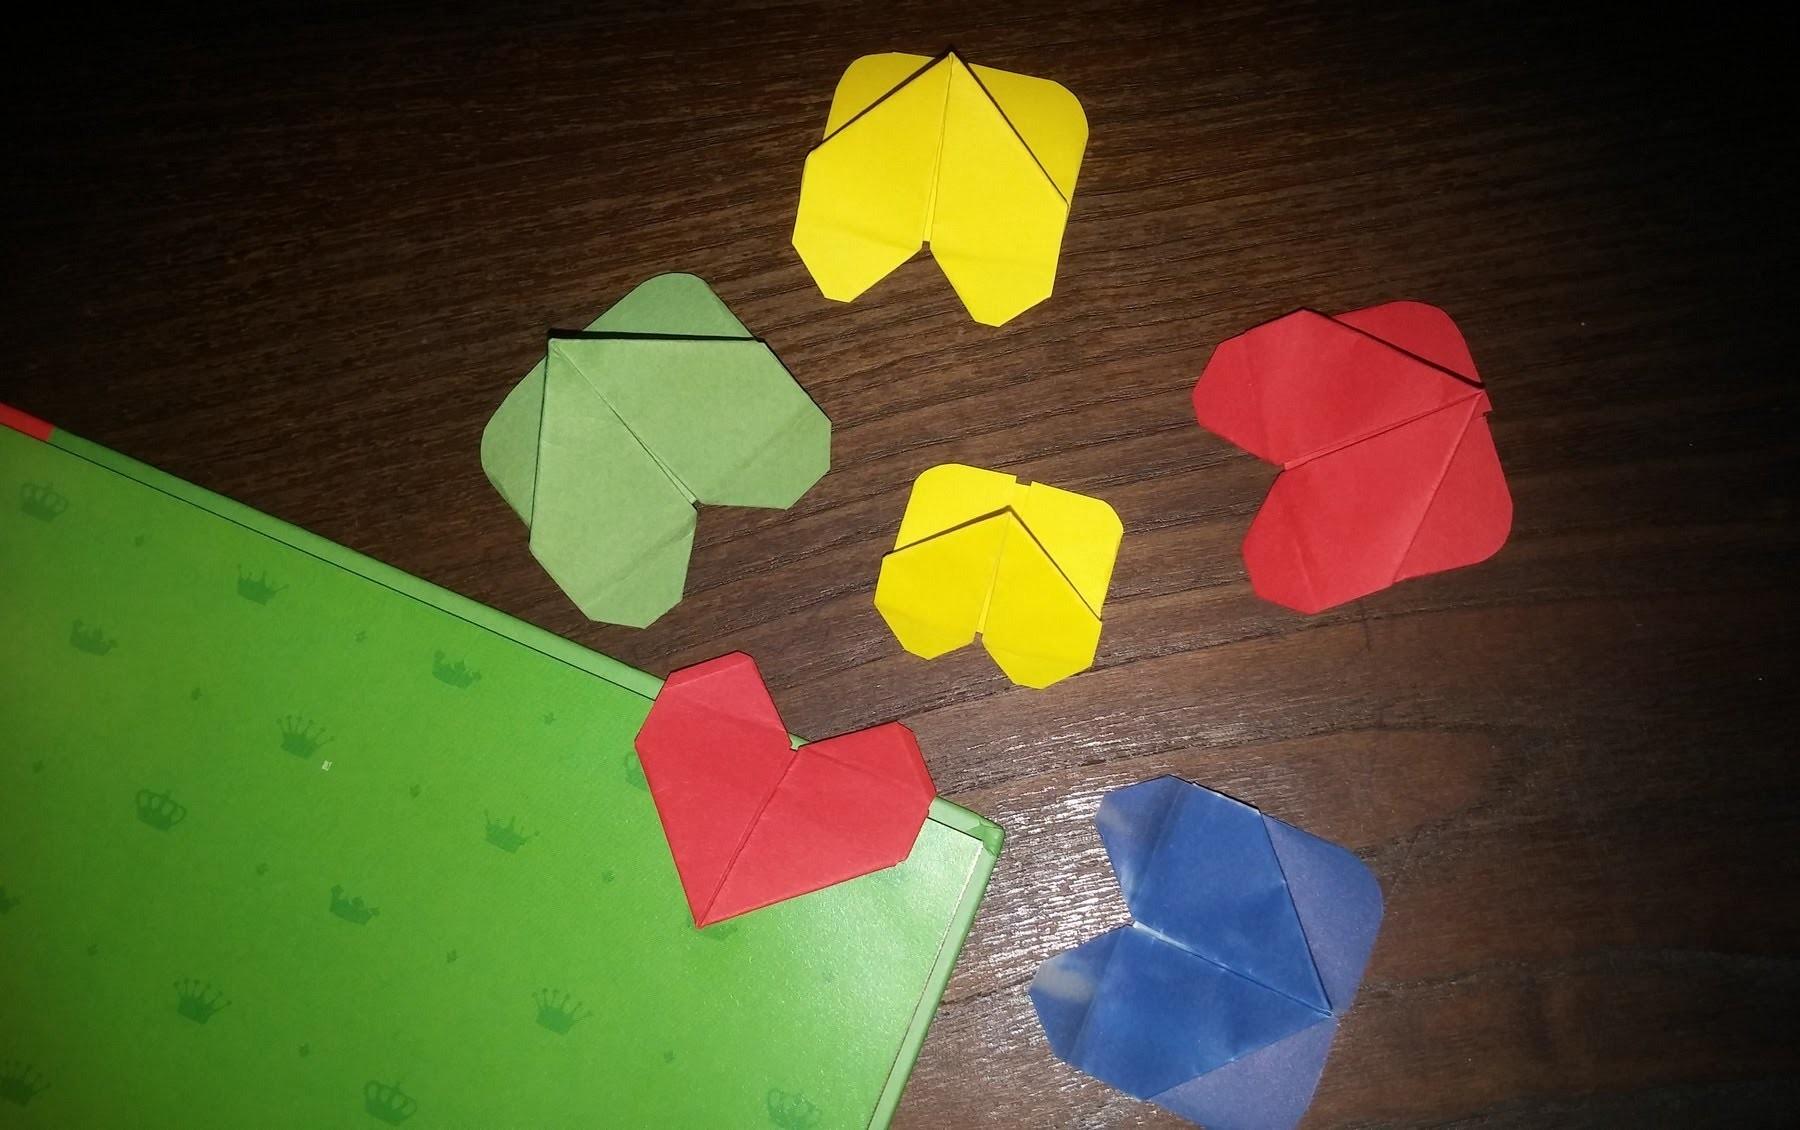 Marcador de páginas origami em coração - DIY - Bookmark pages origami heart-shaped